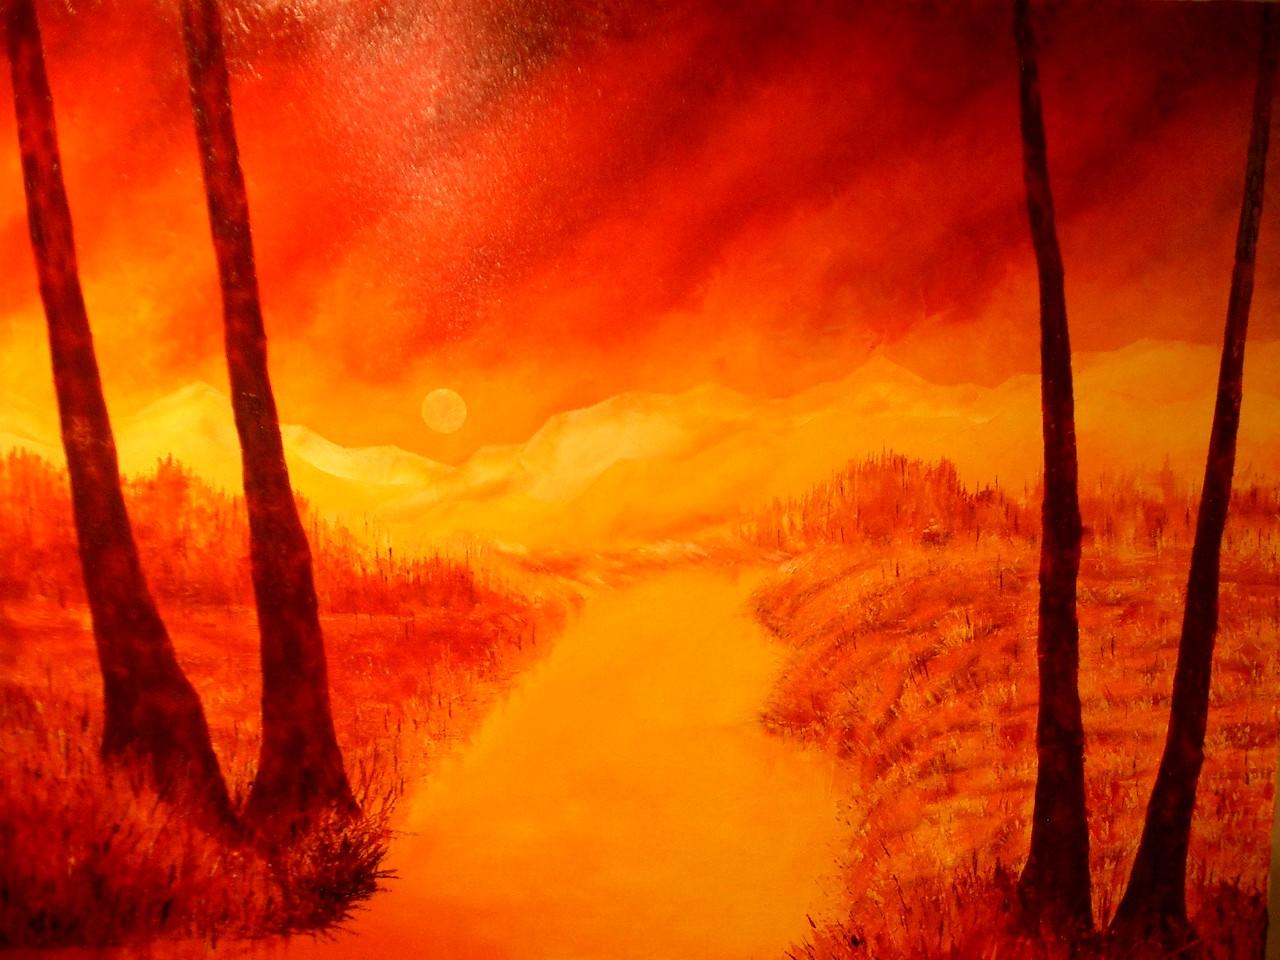 Kunstschilder christoph van daele - Warme en koude kleuren in verf ...